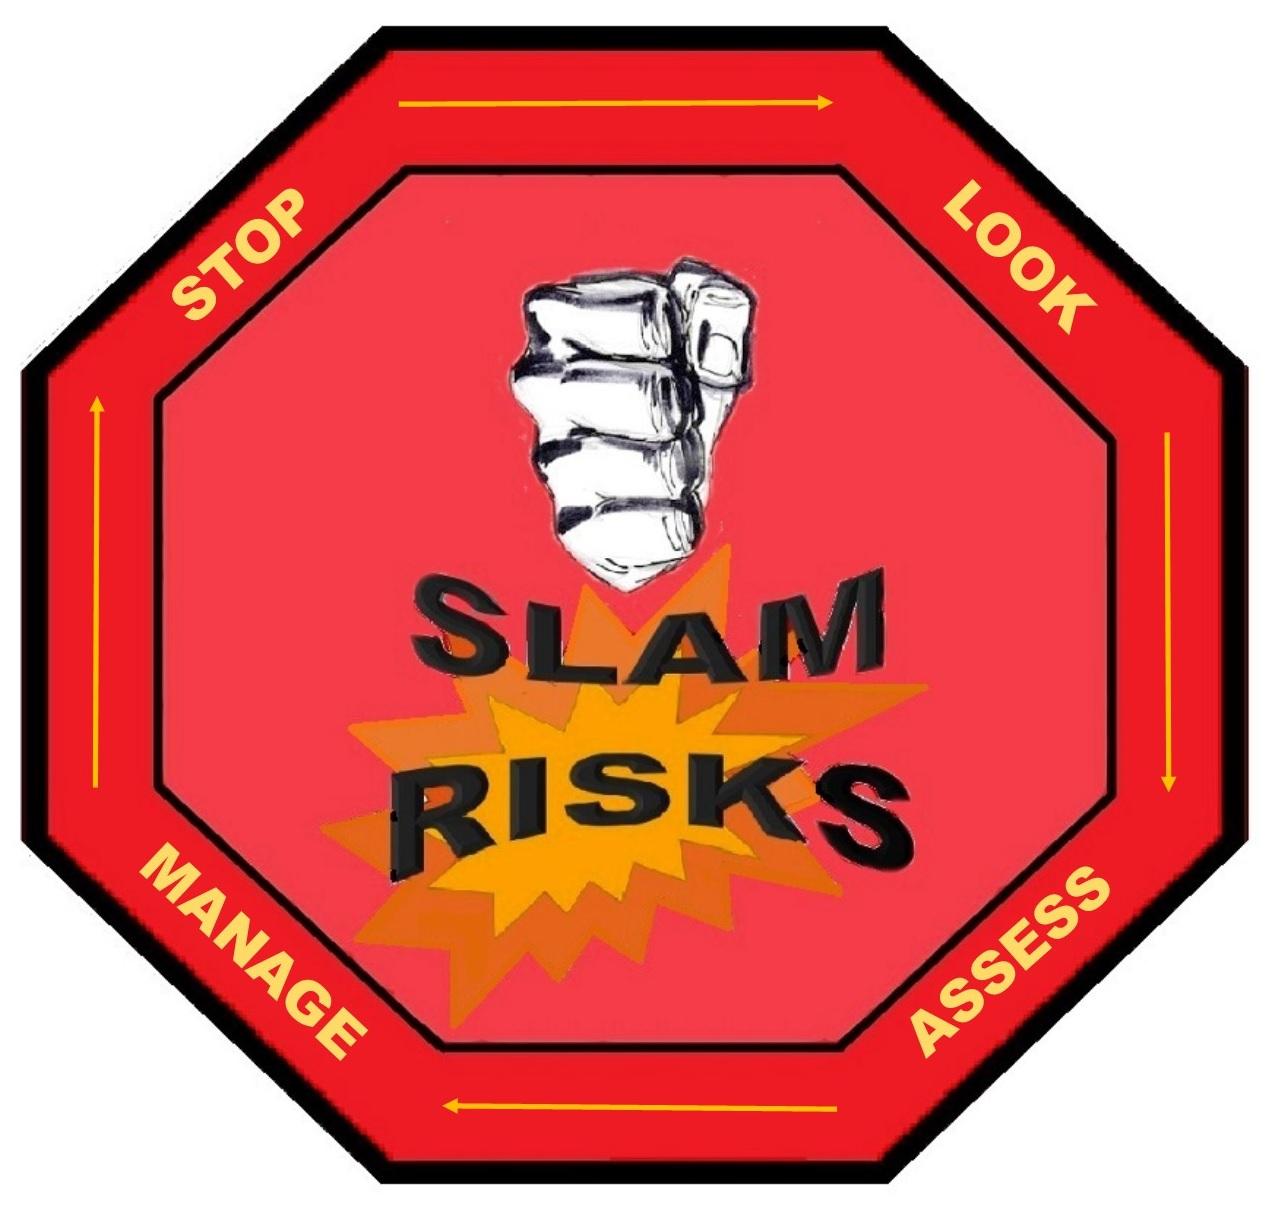 SLAM jpg